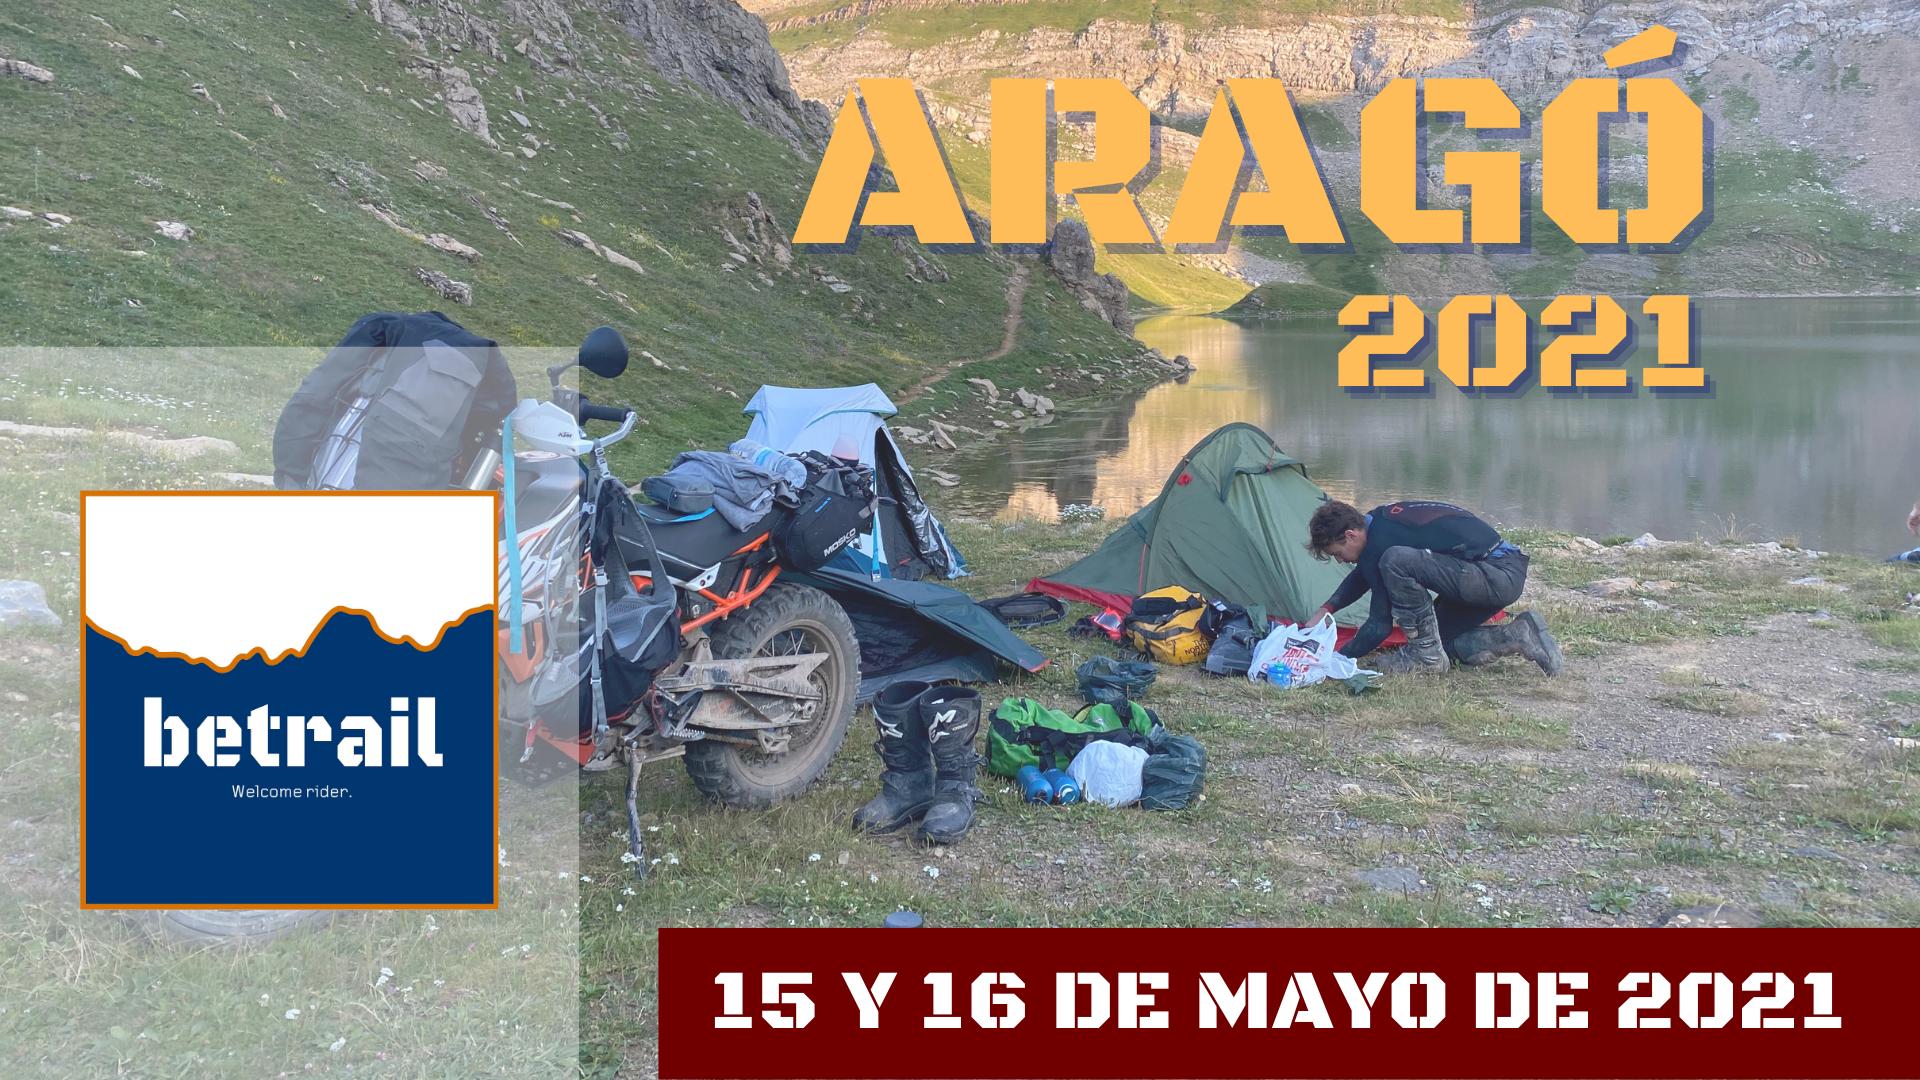 Ruta Aragón 2021 - betrail moto